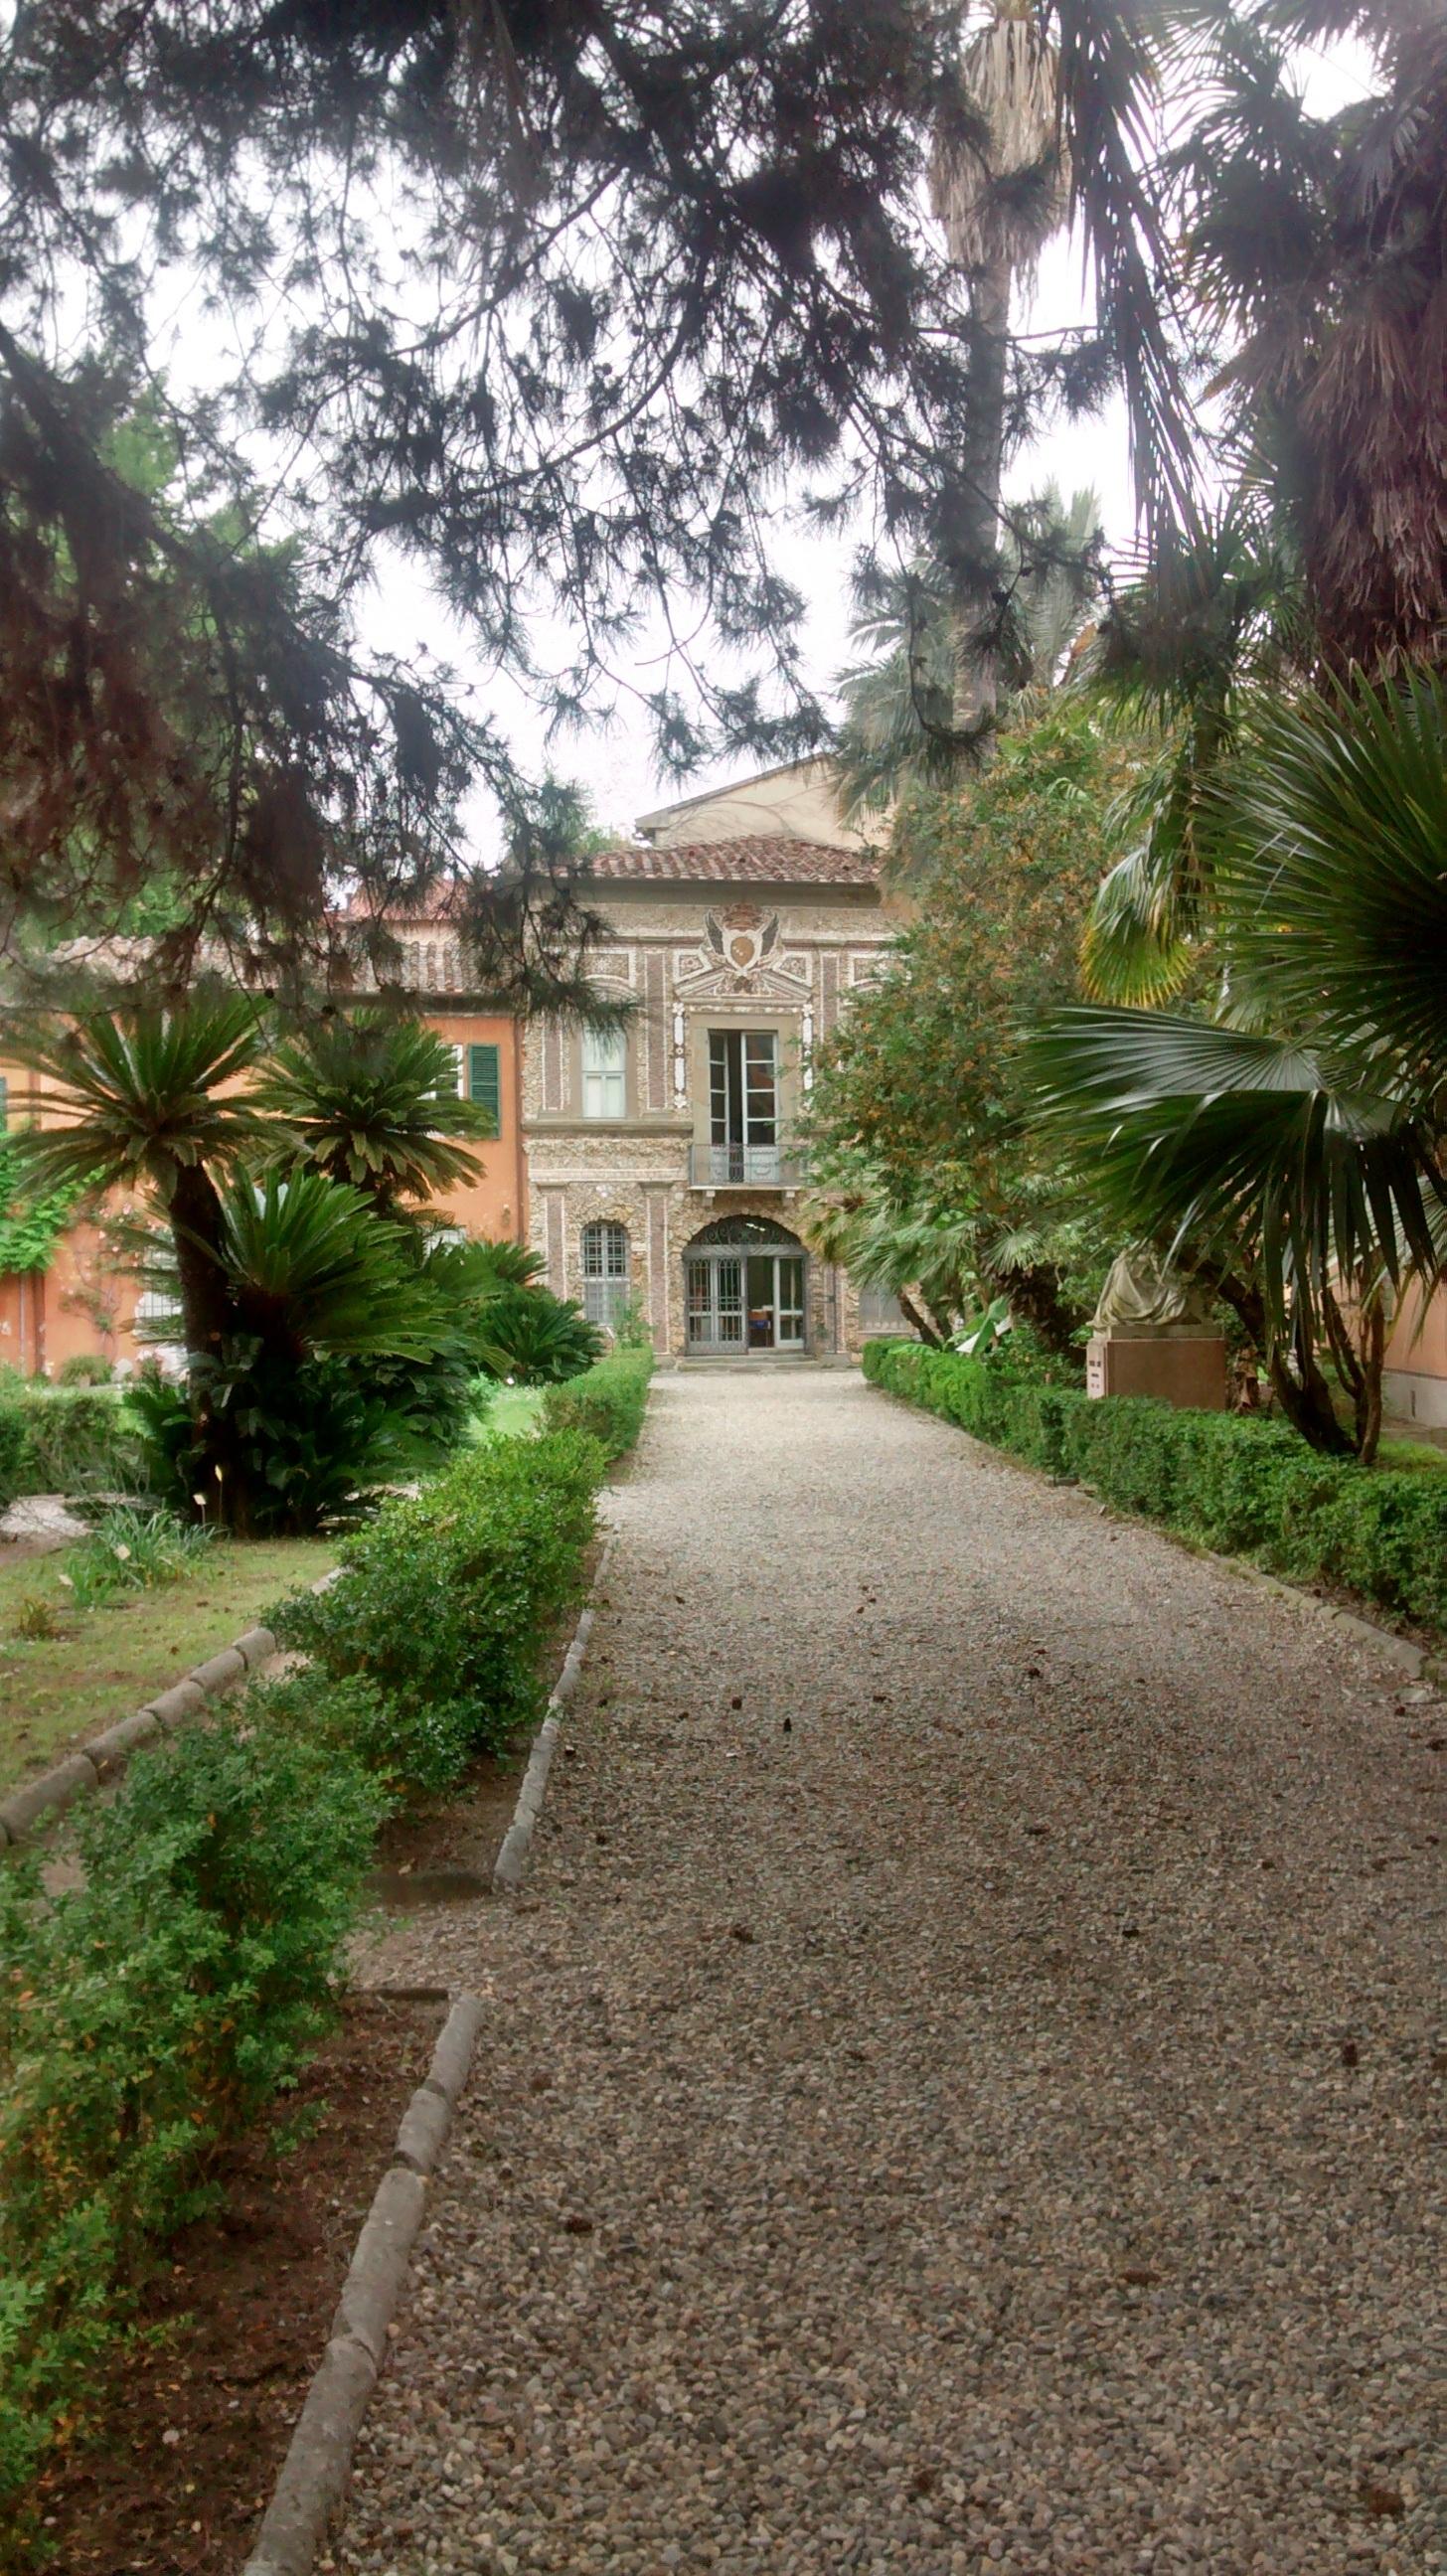 Fotos gratis naturaleza c sped casa pasarela pueblo verde caba a patio interior - Ley propiedad horizontal patio interior ...